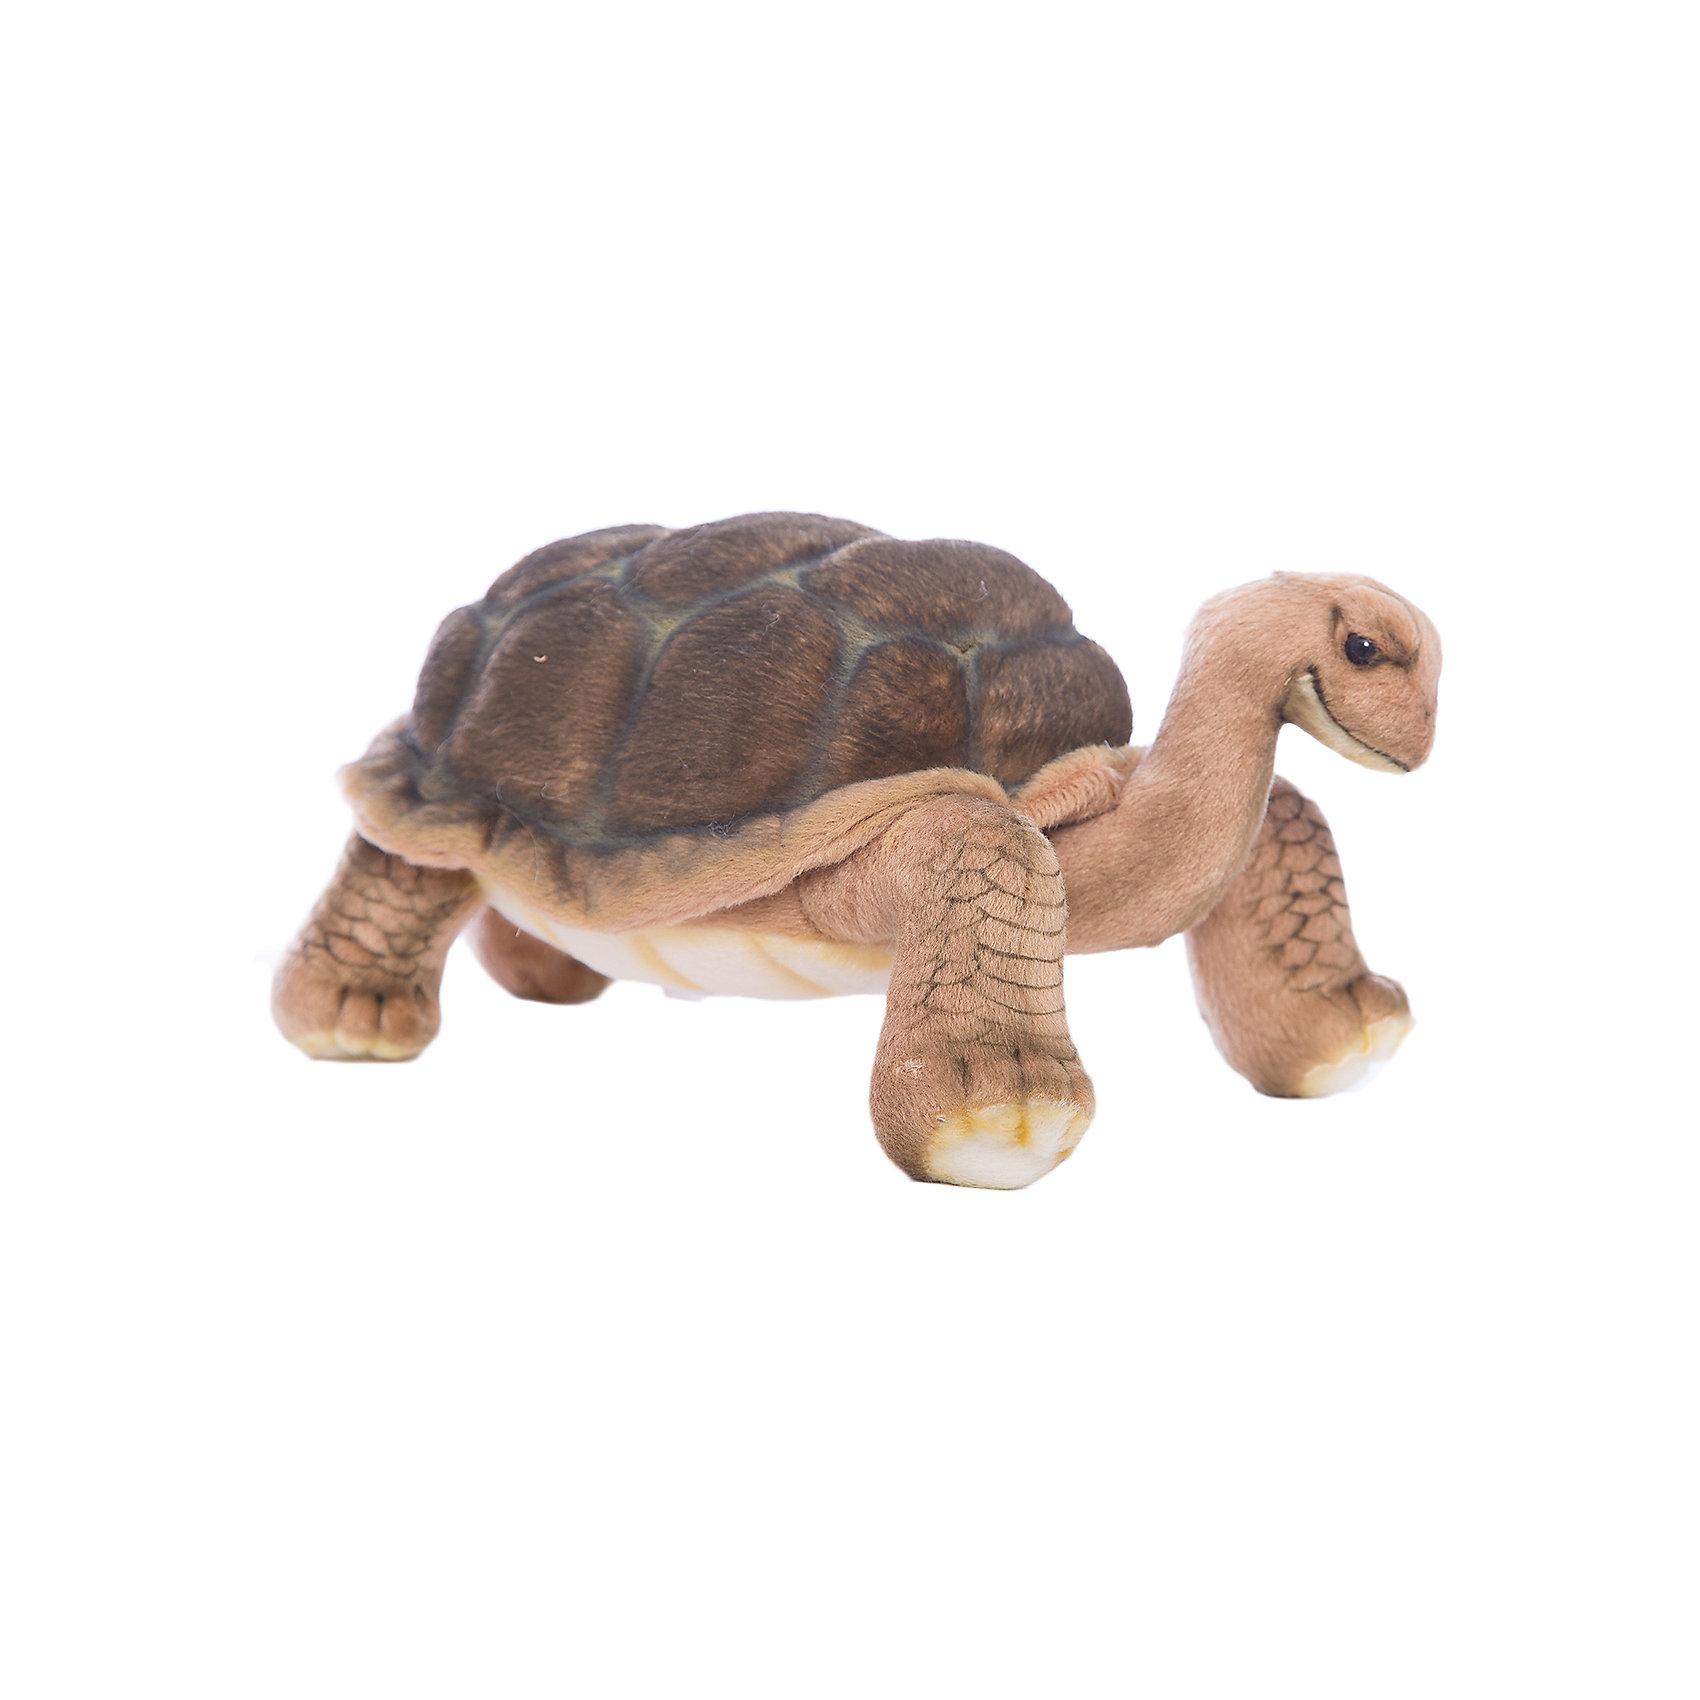 Галапагосская черепаха, 30 смГалапагосская черепаха, 30 см – игрушка от знаменитого бренда Hansa, специализирующегося на выпуске мягких игрушек с высокой степенью натуралистичности. Внешний вид игрушечной черепахи полностью соответствует реальному прототипу. Она выполнена из искусственного меха с коротким ворсом, окрашенным в оттенки реального прототипа. Использованные материалы обладают гипоаллергенными свойствами. Внутри игрушки имеется металлический каркас, позволяющий изменять положение. <br>Игрушка относится к серии Дикие животные. <br>Мягкие игрушки от Hansa подходят для сюжетно-ролевых игр, для обучающих игр, направленных на знакомство с животным миром дикой природы. Кроме того, их можно использовать в качестве интерьерных игрушек. Коллекция из нескольких игрушек позволяет создать свой домашний зоопарк, который будет радовать вашего ребенка долгое время, так как ручная работа и качественные материалы гарантируют их долговечность и прочность.<br><br>Дополнительная информация:<br><br>- Вид игр: сюжетно-ролевые игры, коллекционирование, интерьерные игрушки<br>- Предназначение: для дома, для детских развивающих центров, для детских садов<br>- Материал: искусственный мех, пластик, наполнитель ? полиэфирное волокно<br>- Размер (ДхШхВ): 16*16*30 см<br>- Вес: 510 г<br>- Особенности ухода: сухая чистка при помощи пылесоса или щетки для одежды<br><br>Подробнее:<br><br>• Для детей в возрасте: от 3 лет <br>• Страна производитель: Филиппины<br>• Торговый бренд: Hansa<br><br>Галапагосскую черепаху, 30 см можно купить в нашем интернет-магазине.<br><br>Ширина мм: 16<br>Глубина мм: 16<br>Высота мм: 30<br>Вес г: 510<br>Возраст от месяцев: 36<br>Возраст до месяцев: 2147483647<br>Пол: Унисекс<br>Возраст: Детский<br>SKU: 4927231